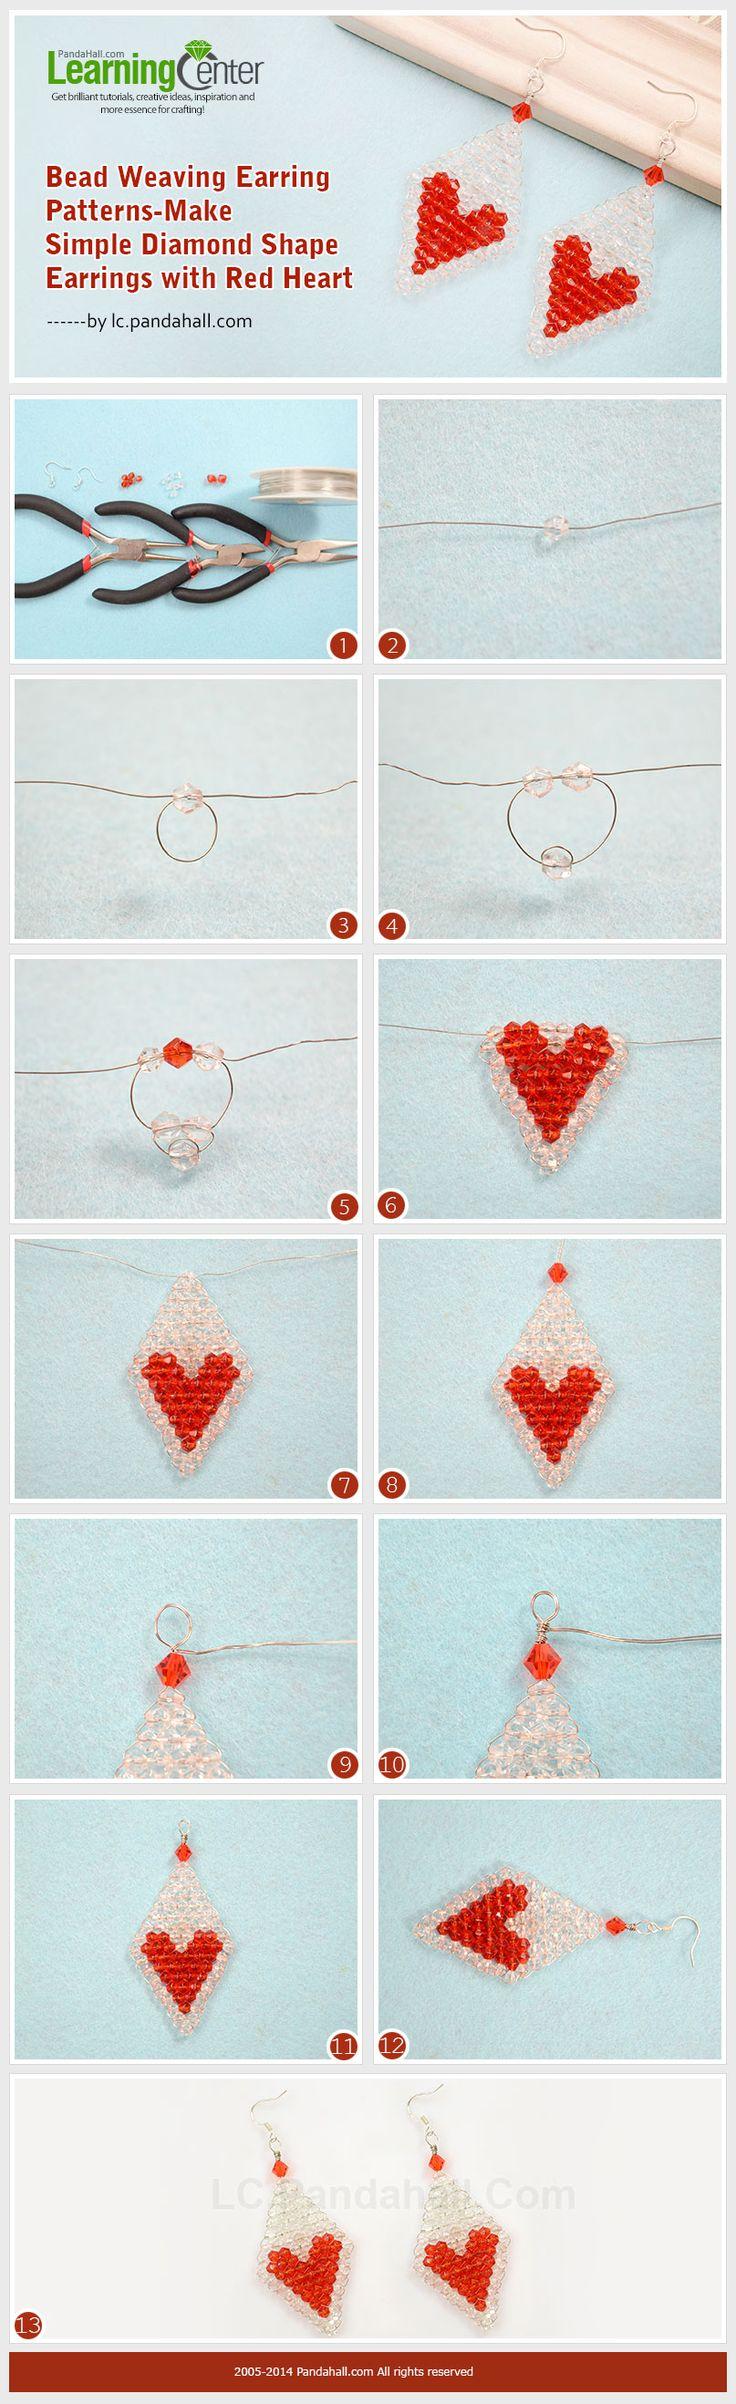 Bead Weaving Earring Patterns-Make Simple Diamond Shape Earrings with Red Heart